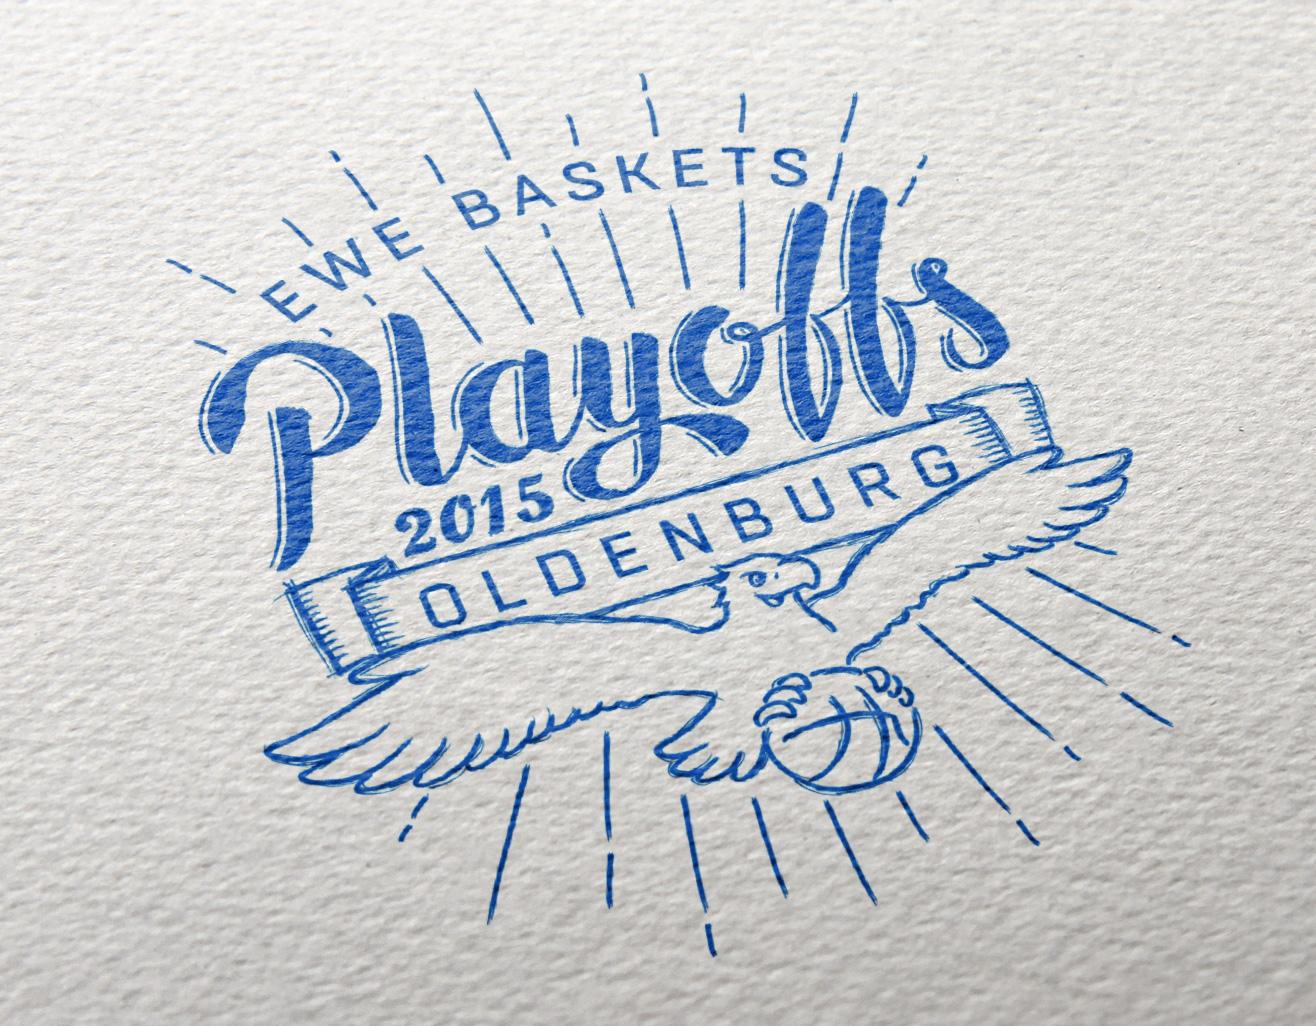 playoffs_logo_2015.jpg